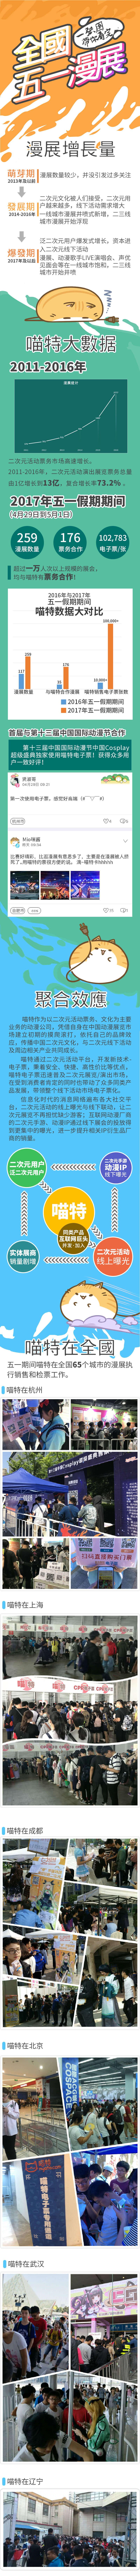 五一漫展改小(无二维码)(压缩版).jpg